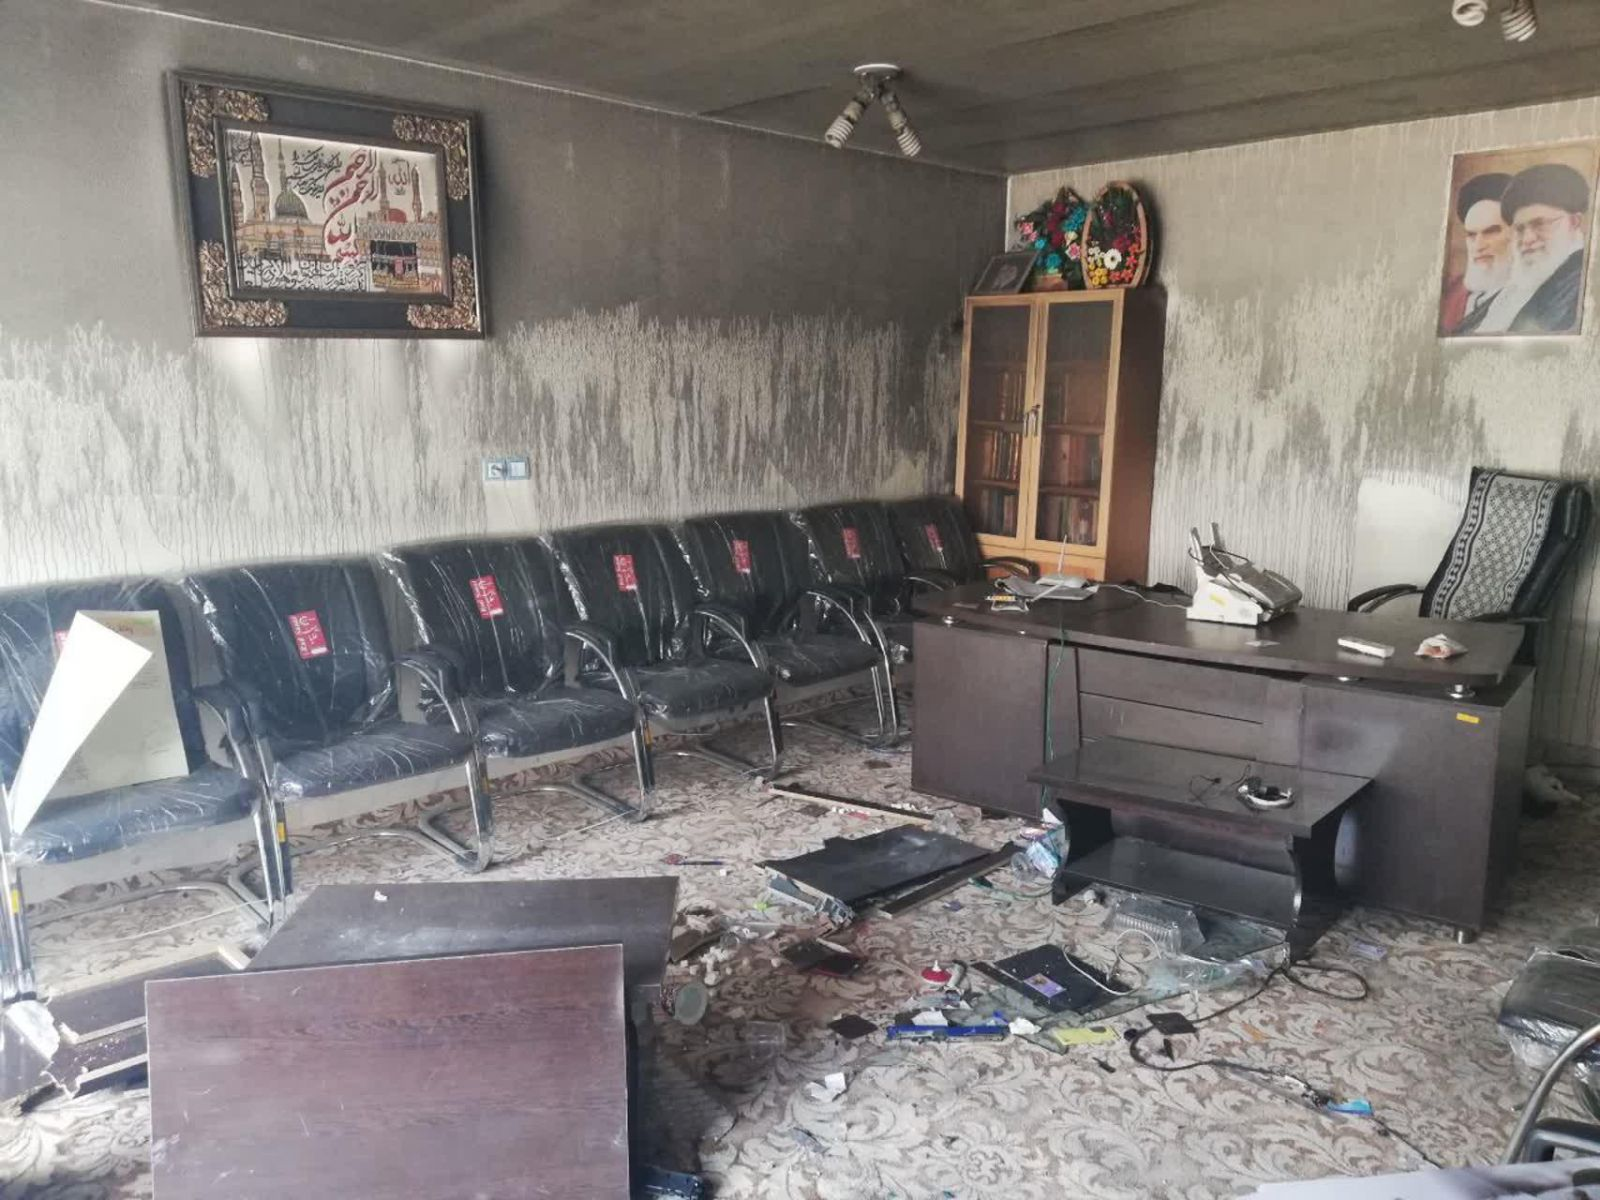 آتش زدن قرآن توسط عوامل ضدانقلاب و منافقین در لردگان